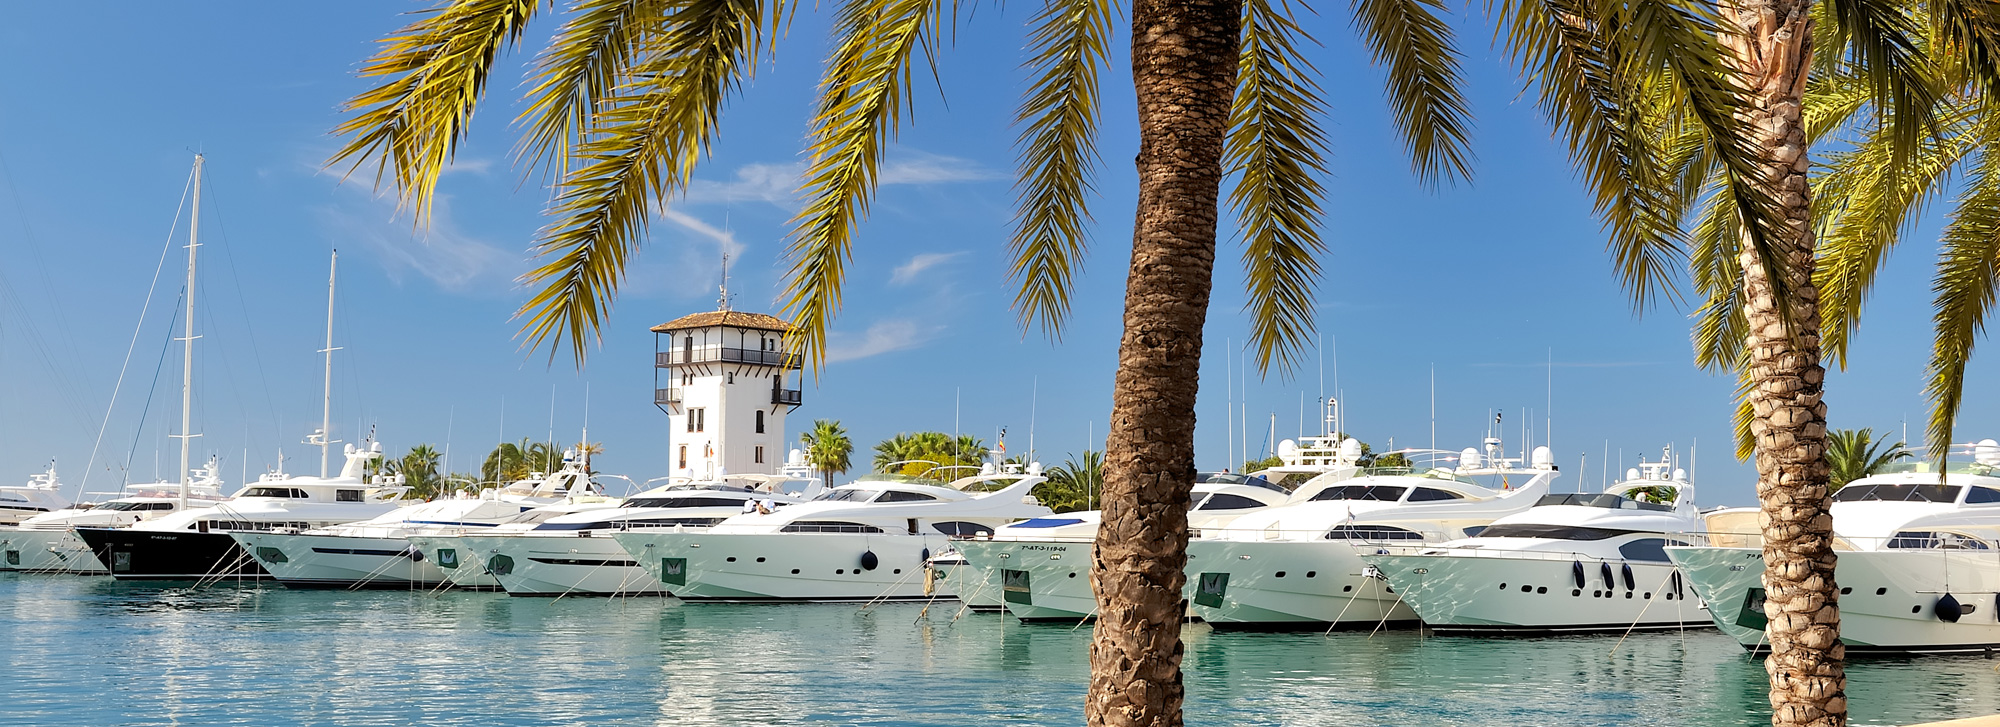 Hotel Marina Portals Portals Nous Mallorca